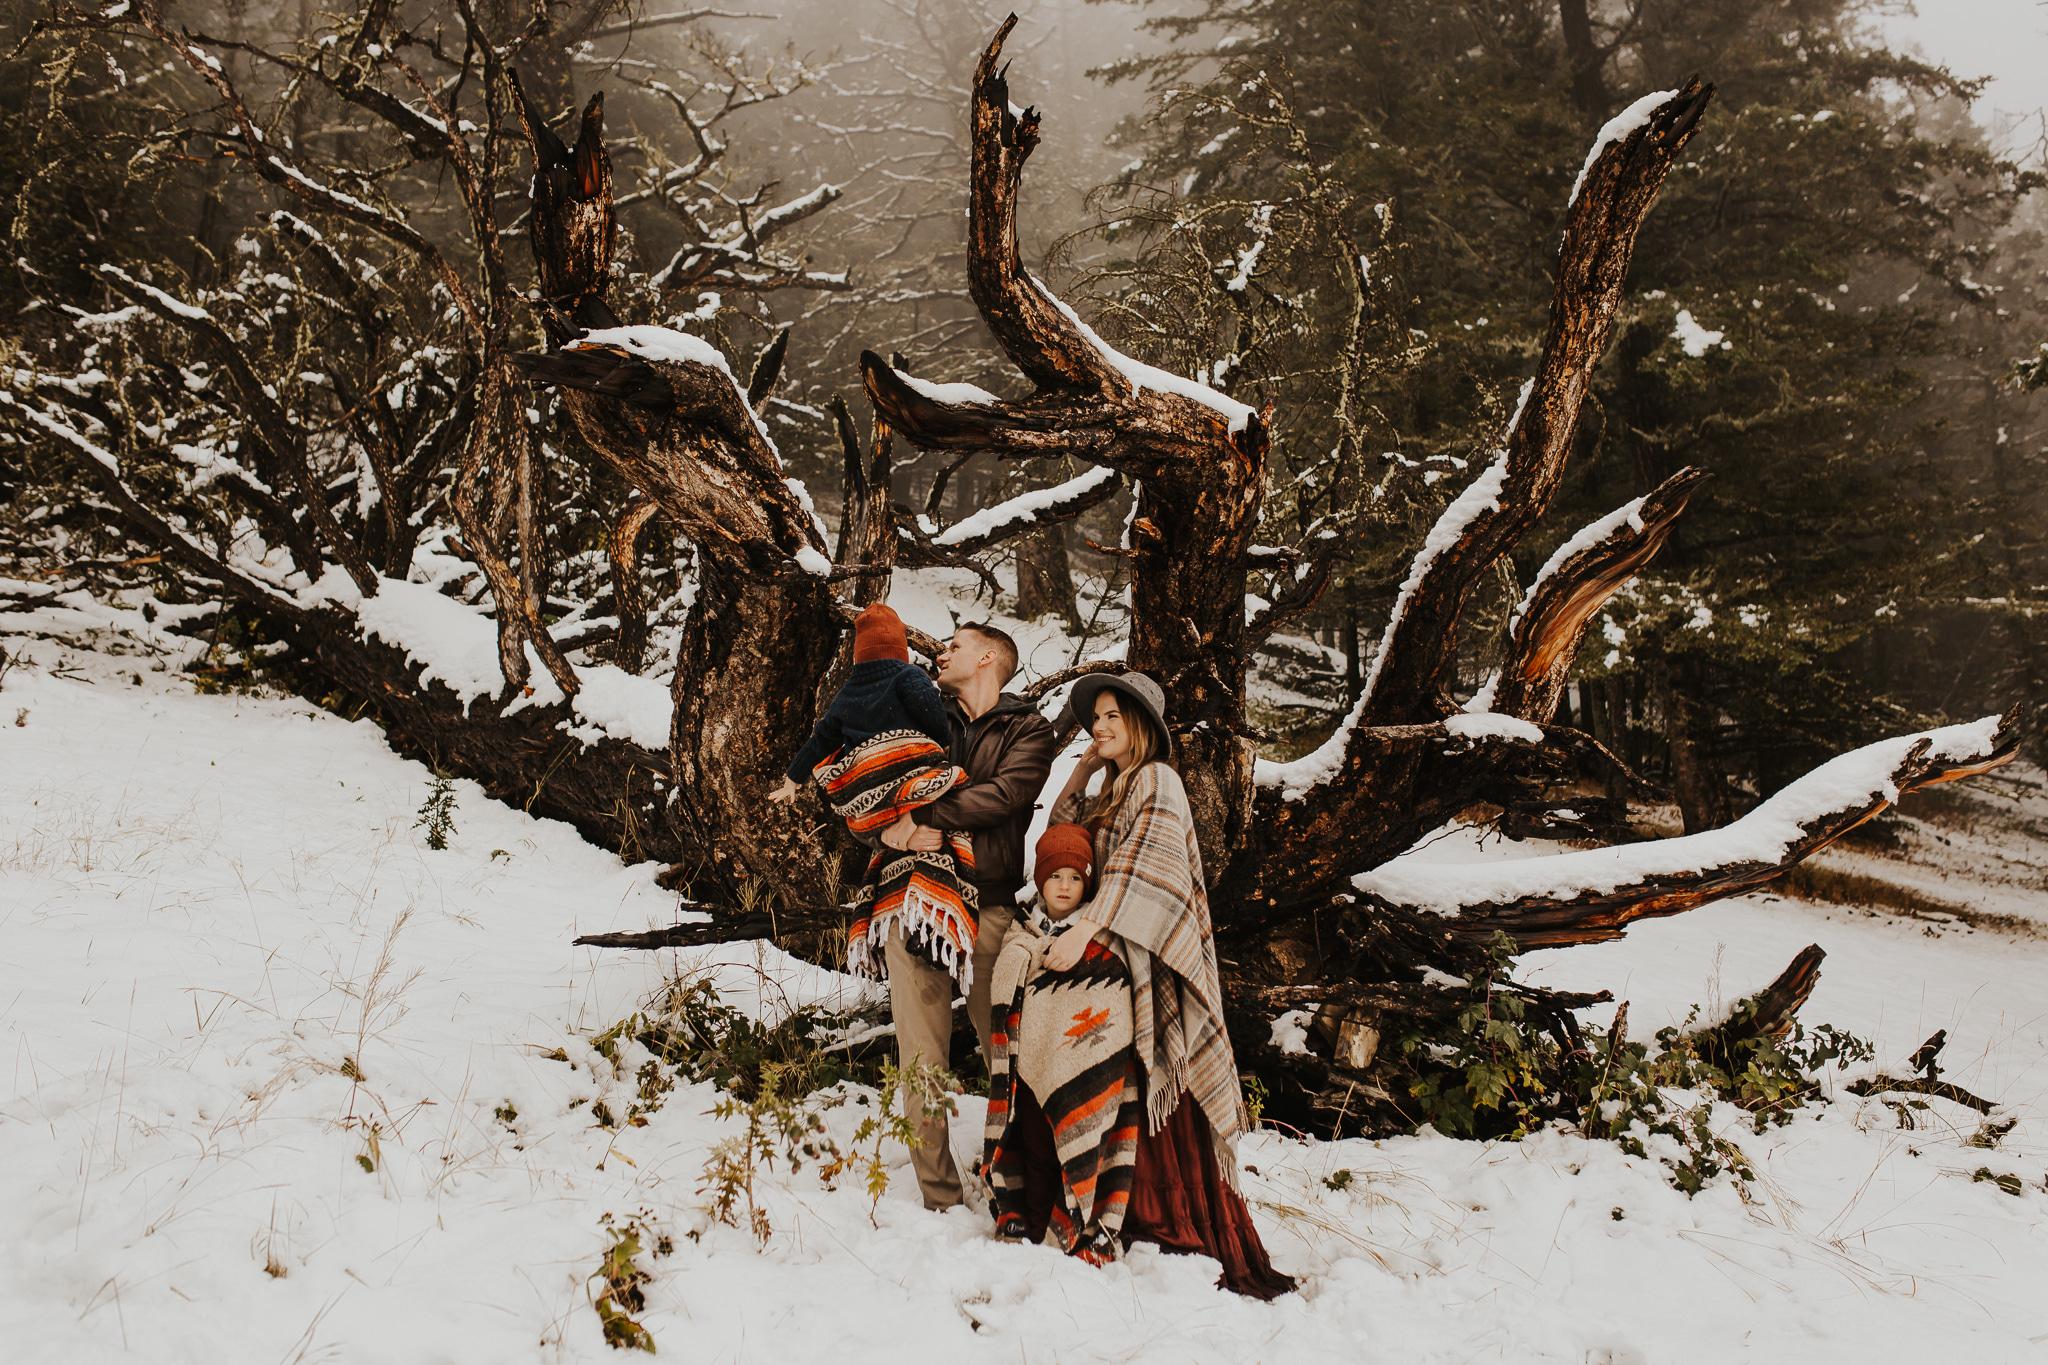 Alina-Joy-Photography-Cold-Lake-Lifestyle-Photographer-268.jpg